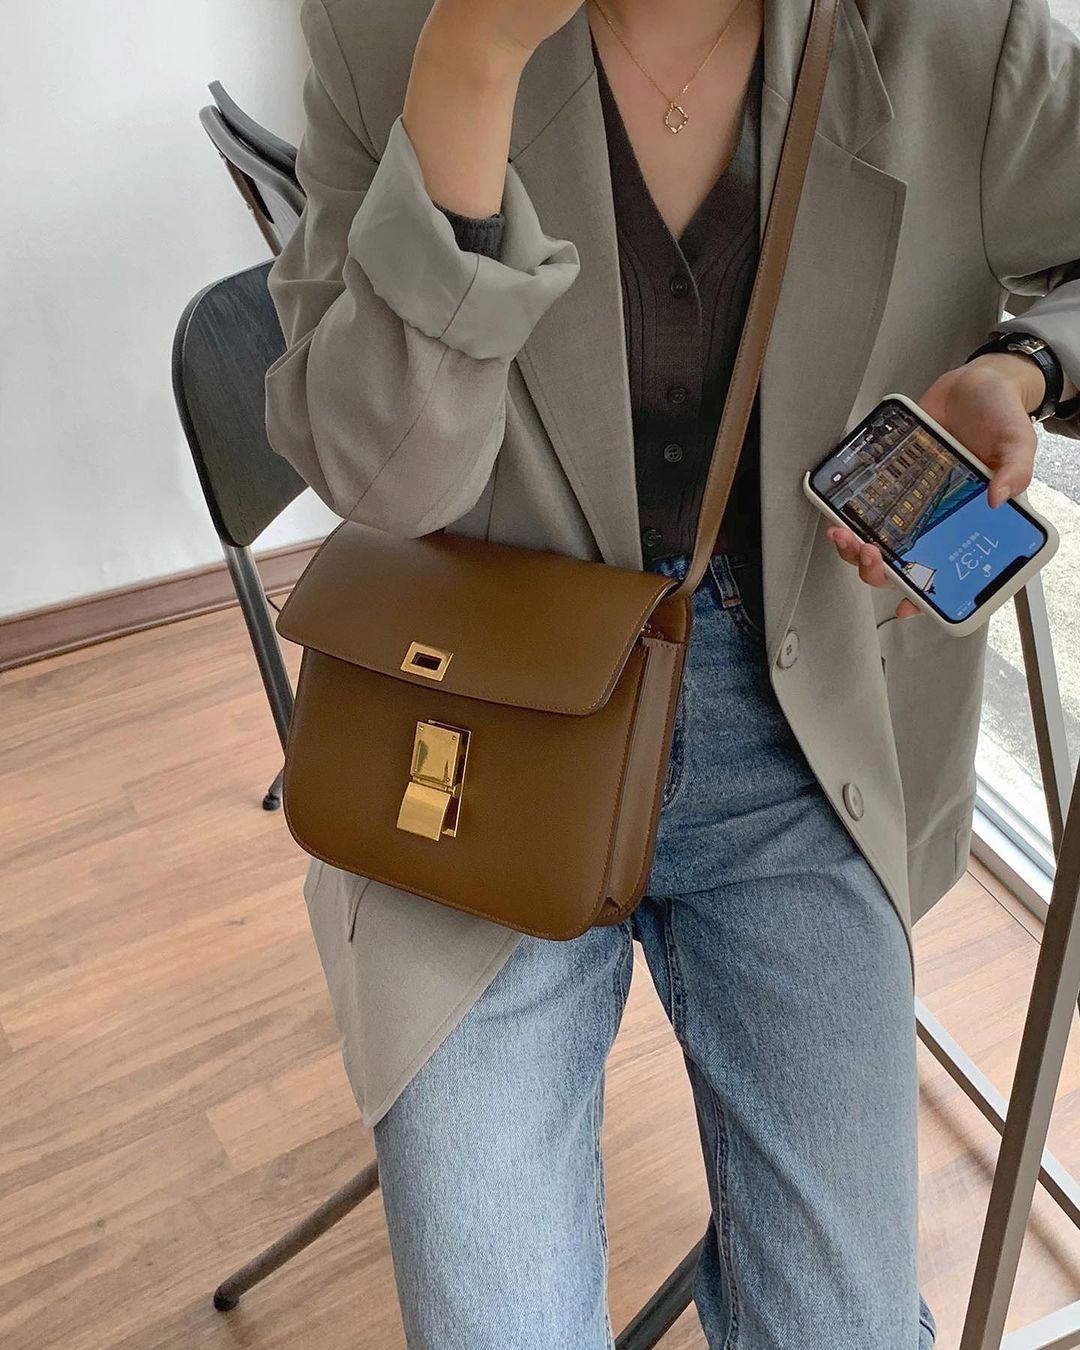 5 mẫu áo quá hợp để diện cùng blazer, bạn cần biết hết để không bao giờ thất bại trong chuyện mặc đẹp 7